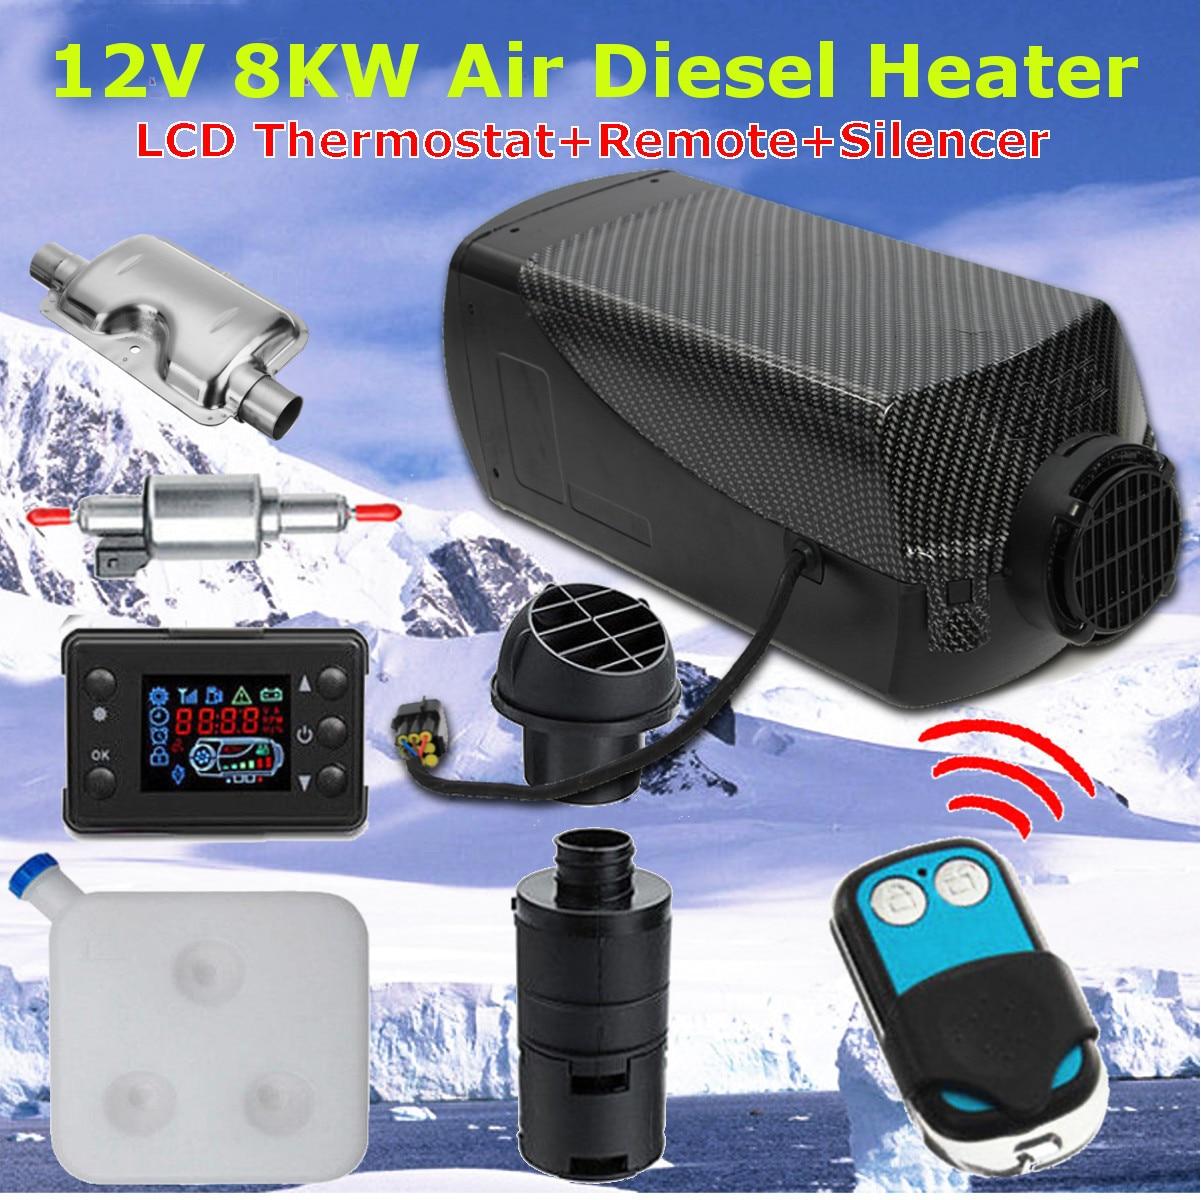 12 V 8000 W ЖК-дисплей монитор Air дизелей подогреватель топлива одно отверстие 8KW для лодка автобус автомобиля обогреватель с дистанционным Упра...